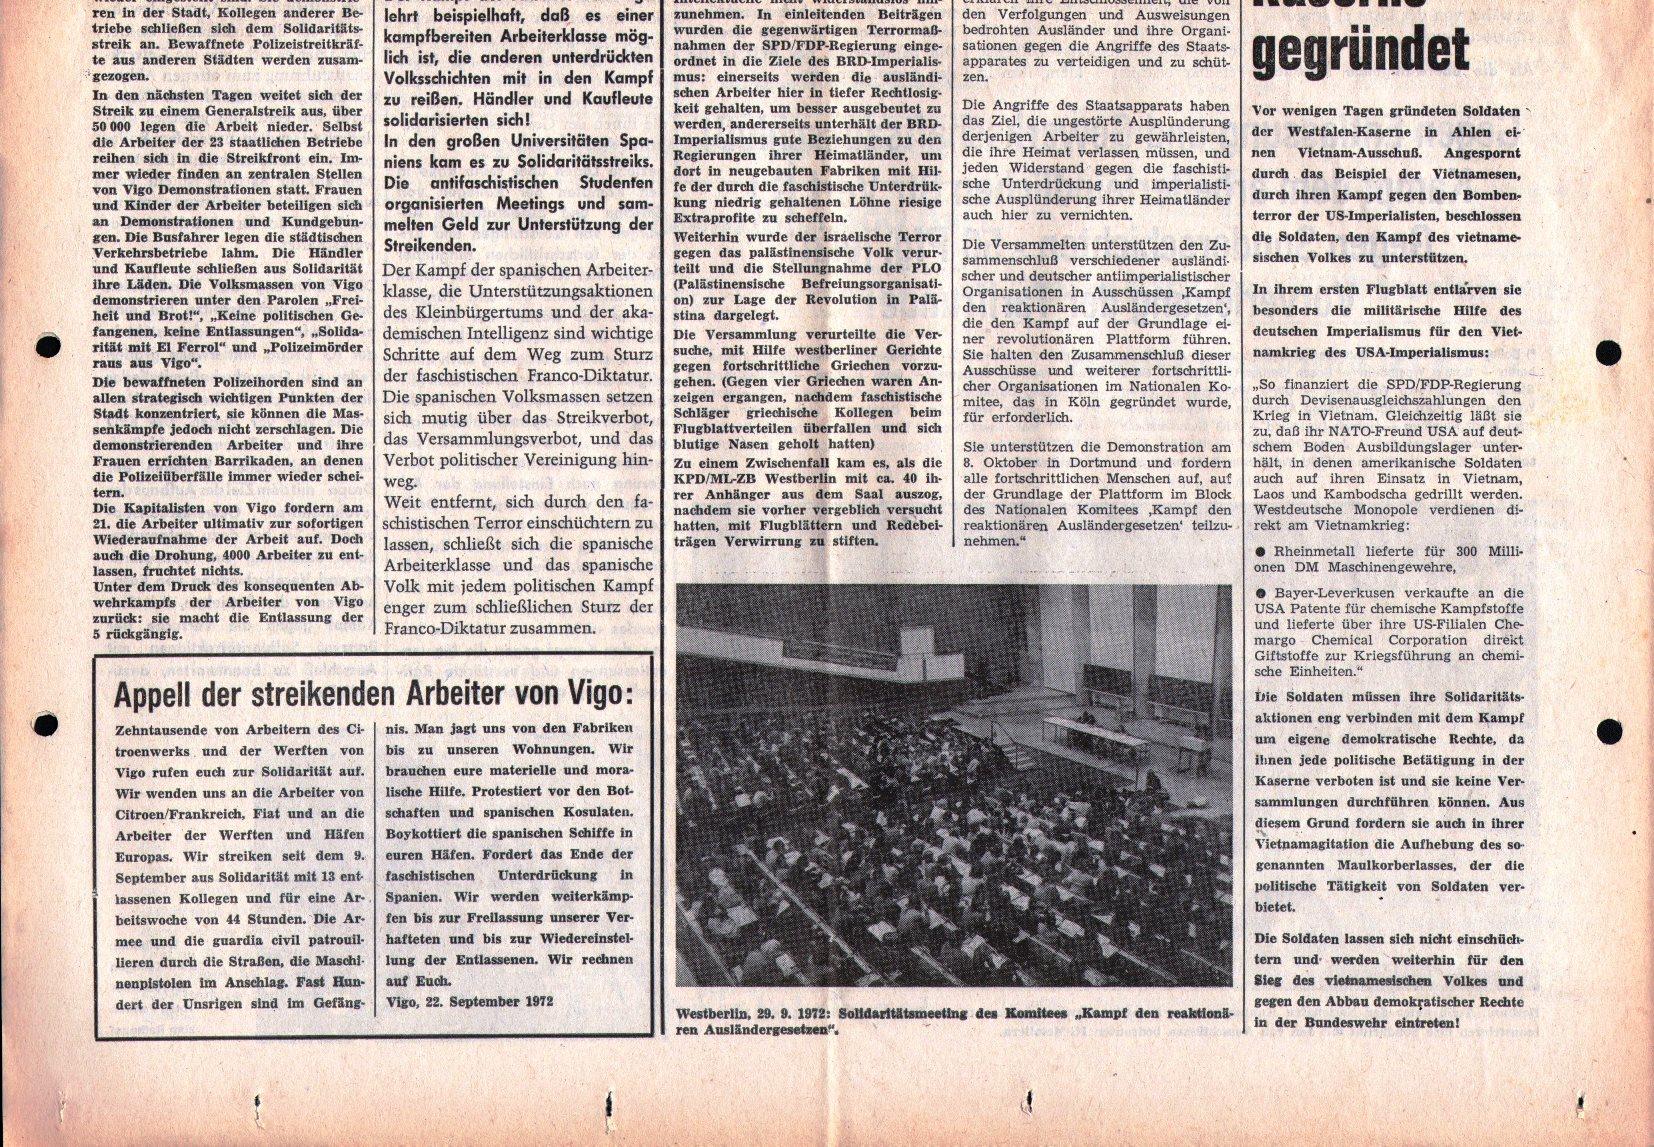 KPD_Rote_Fahne_1972_63_12